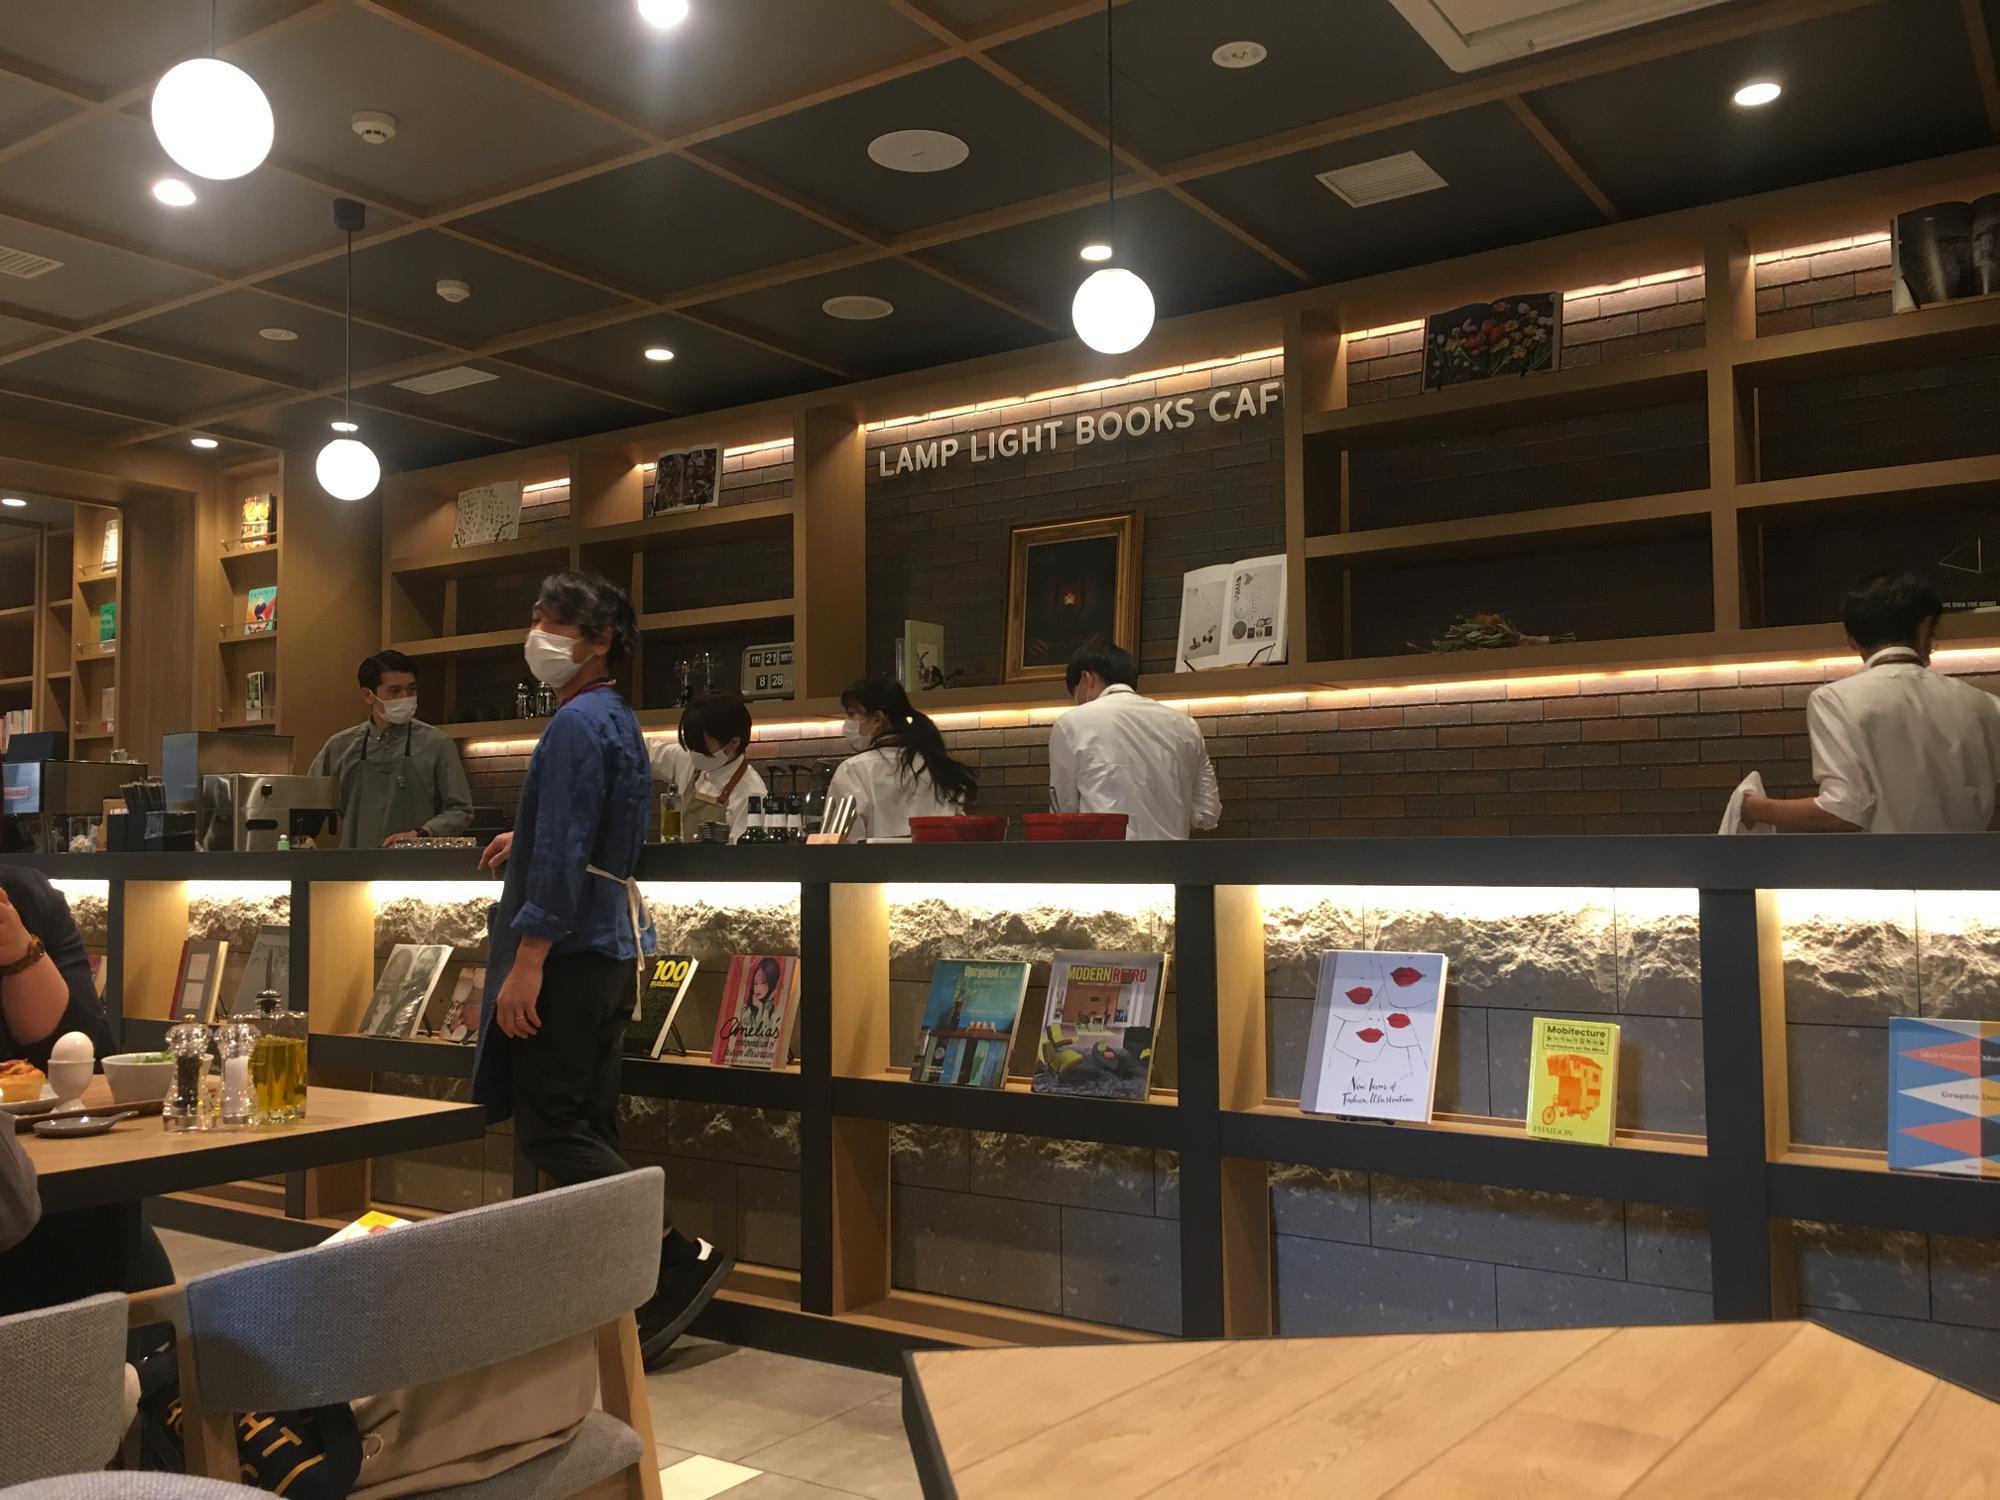 本棚の反対側の壁は長いカウンターになっていて、ここからフードやドリンクが提供されます。